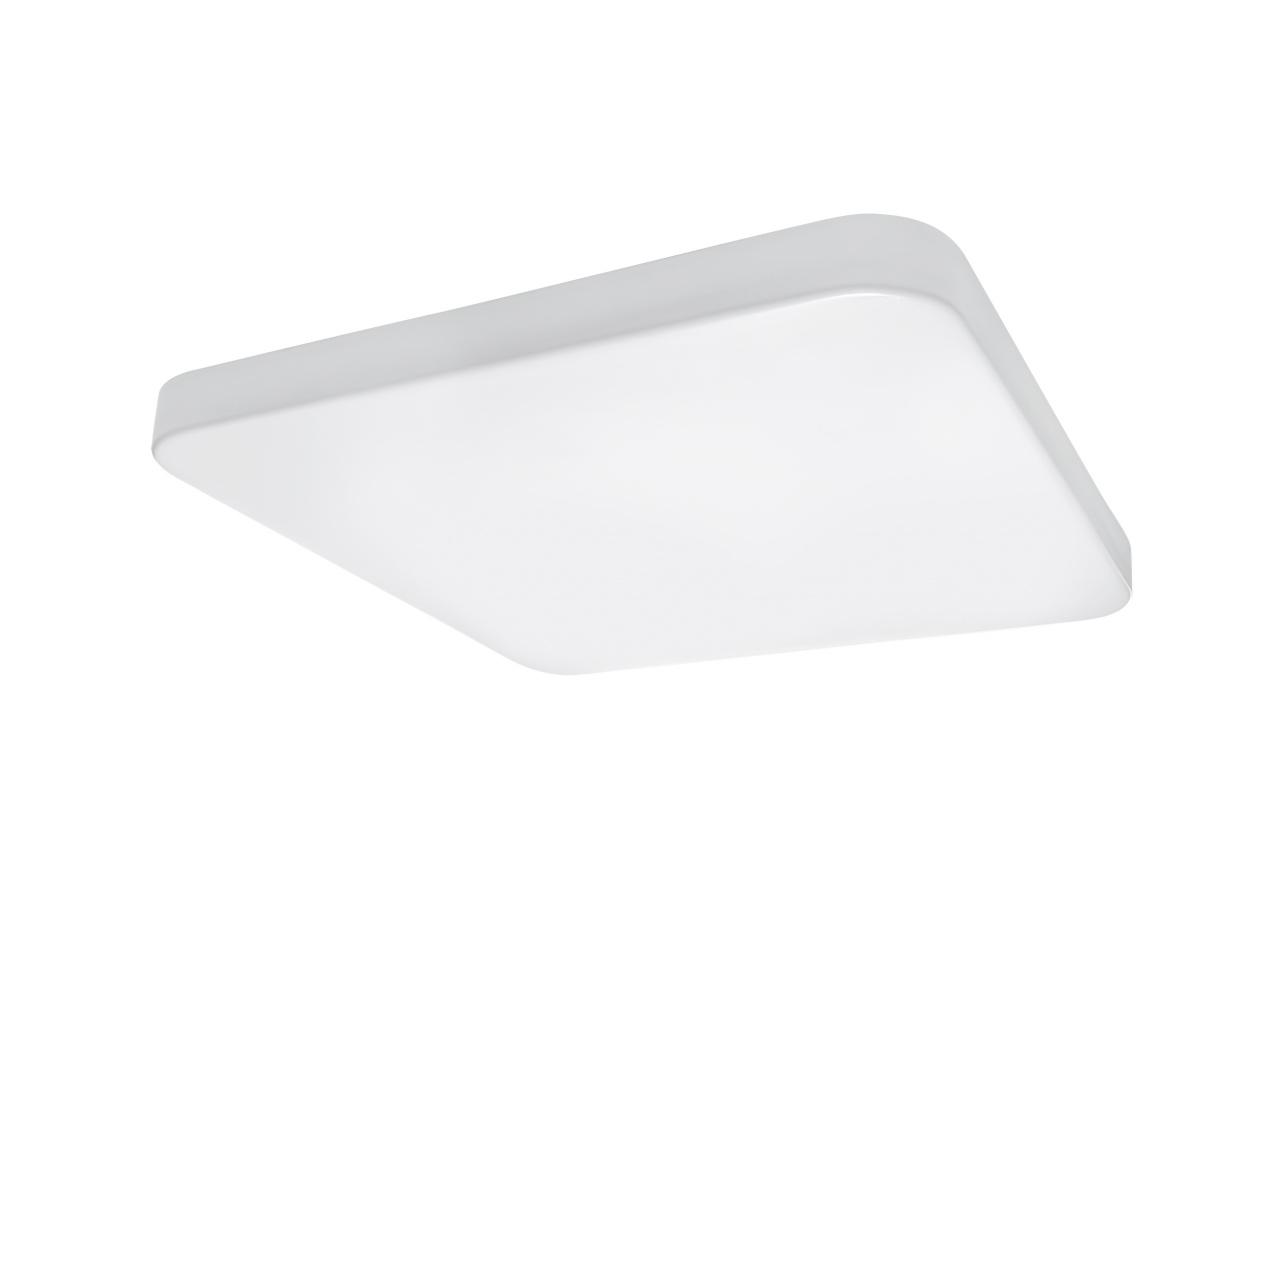 Светильник Arco qua LED 20W 1920LM белый 3000K Lightstar 226202